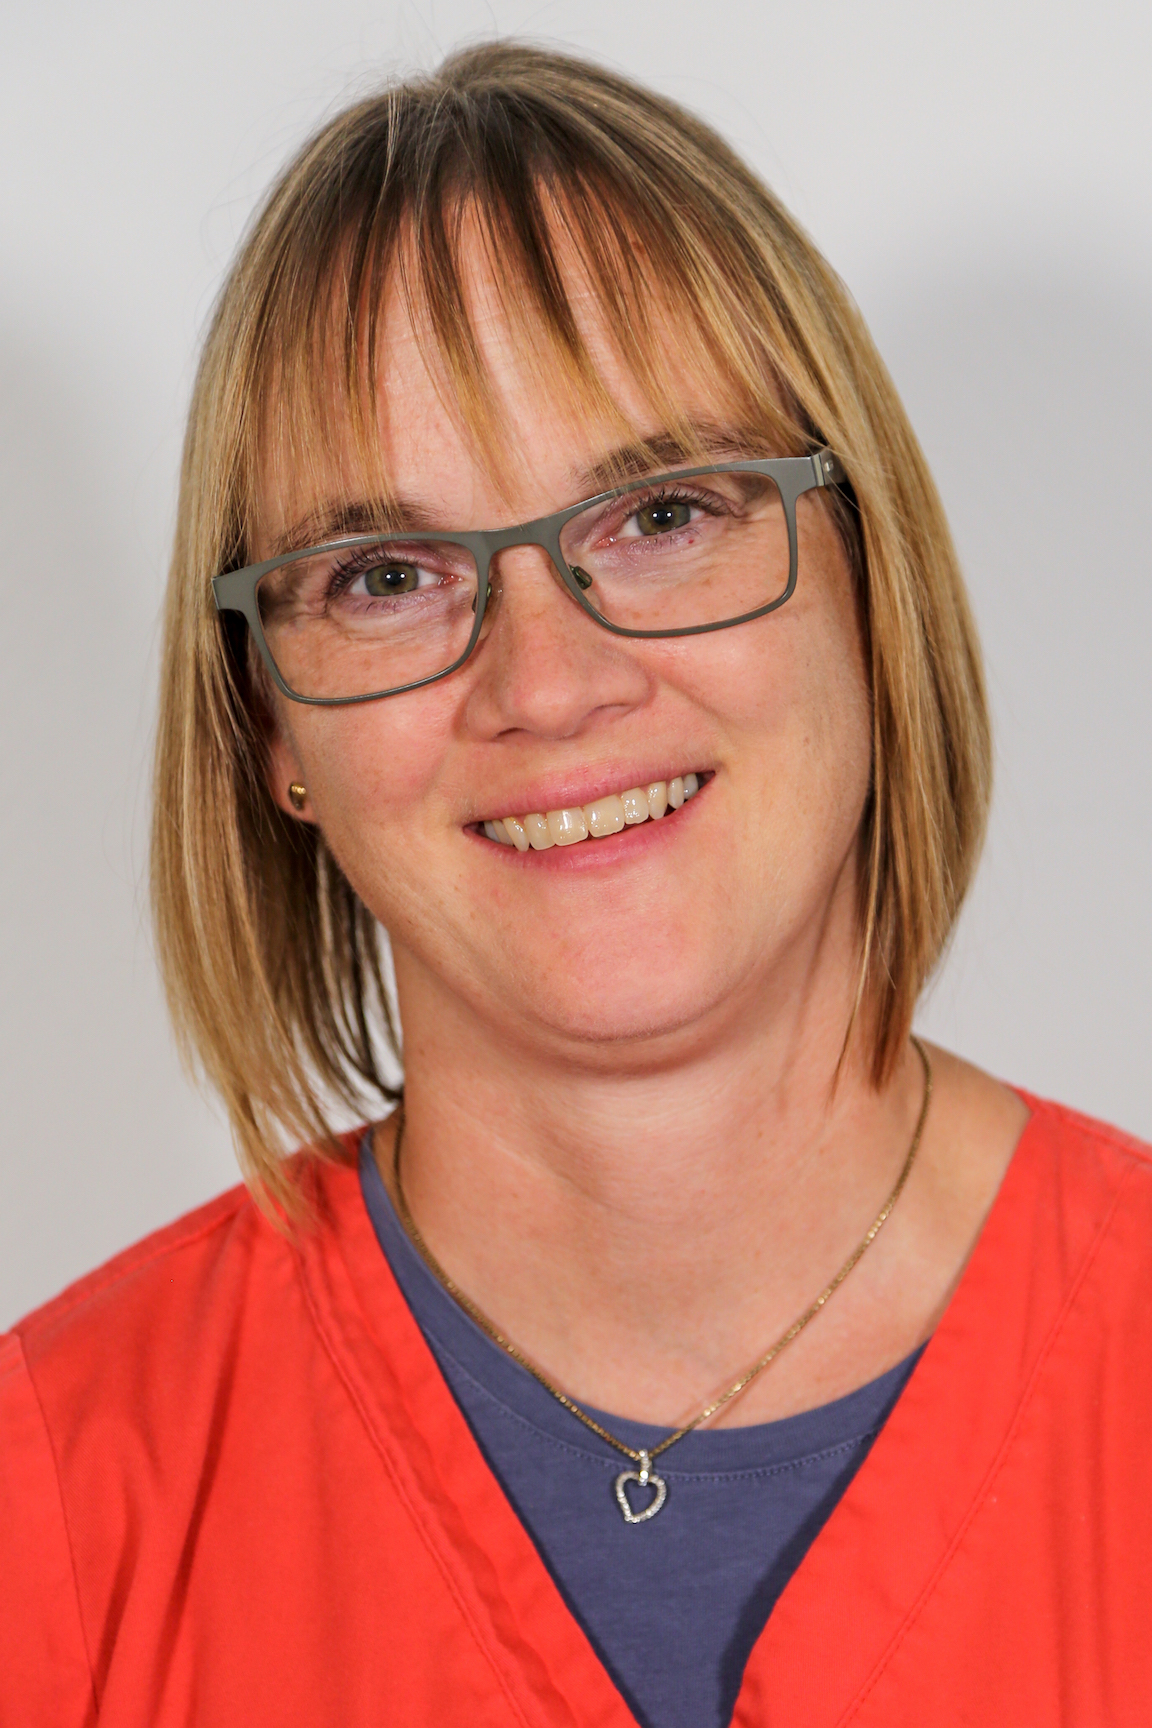 Frau Claudia Schenetin